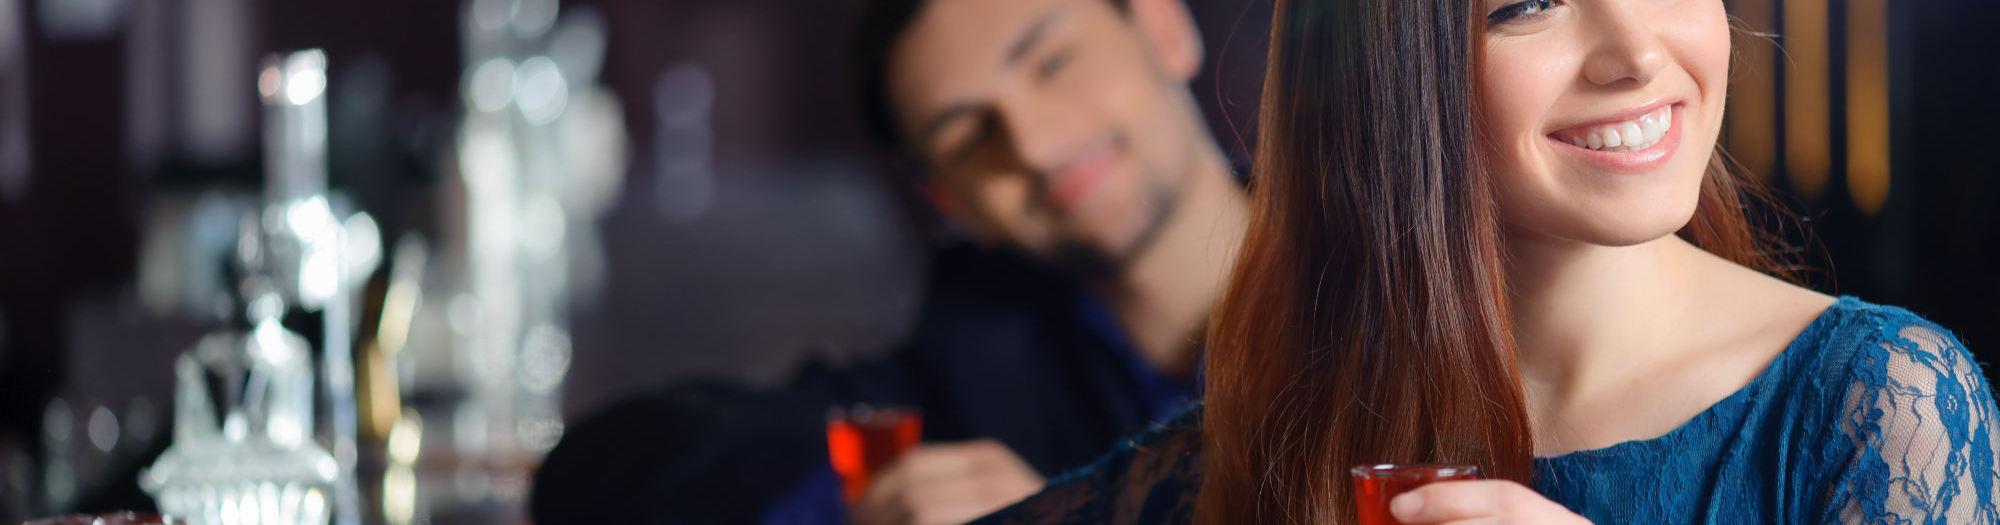 Kontakte für Sex Treffen